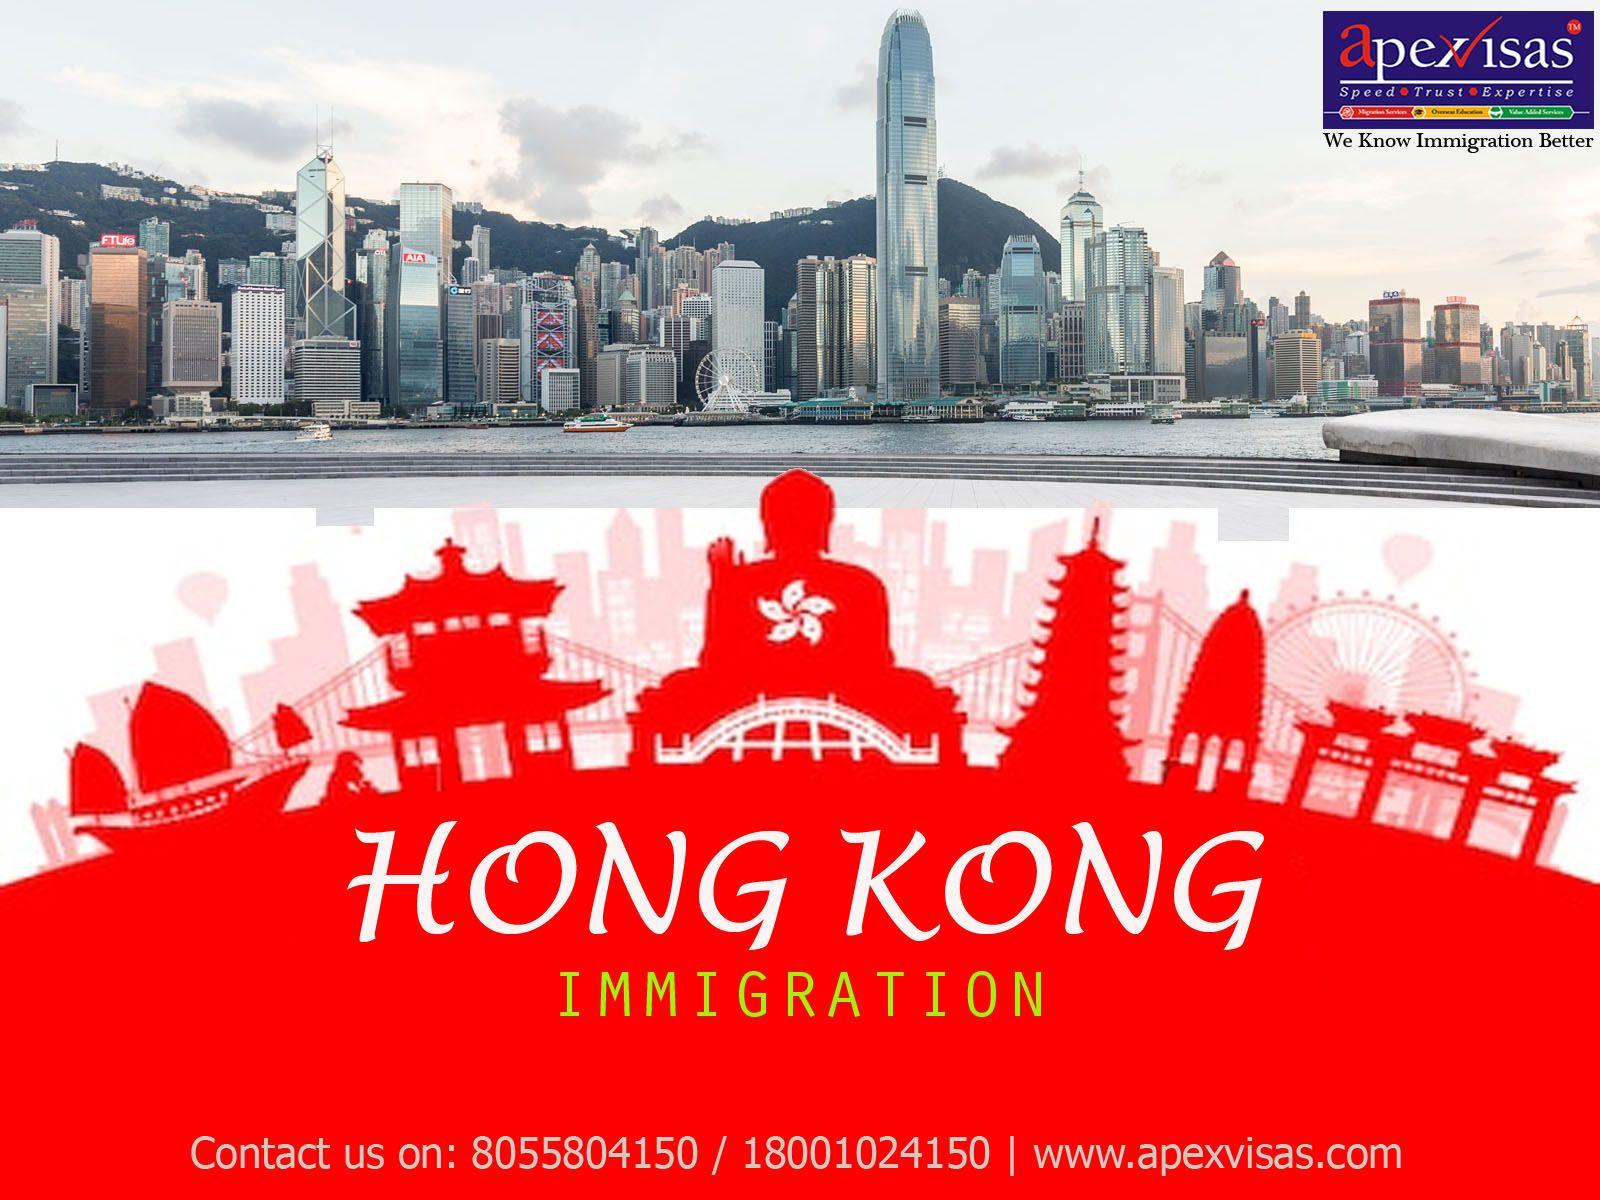 Hong Kong Immigration from India   Hong Kong Visa   Apex Visas   Hong kong visa, Hong kong, Kong